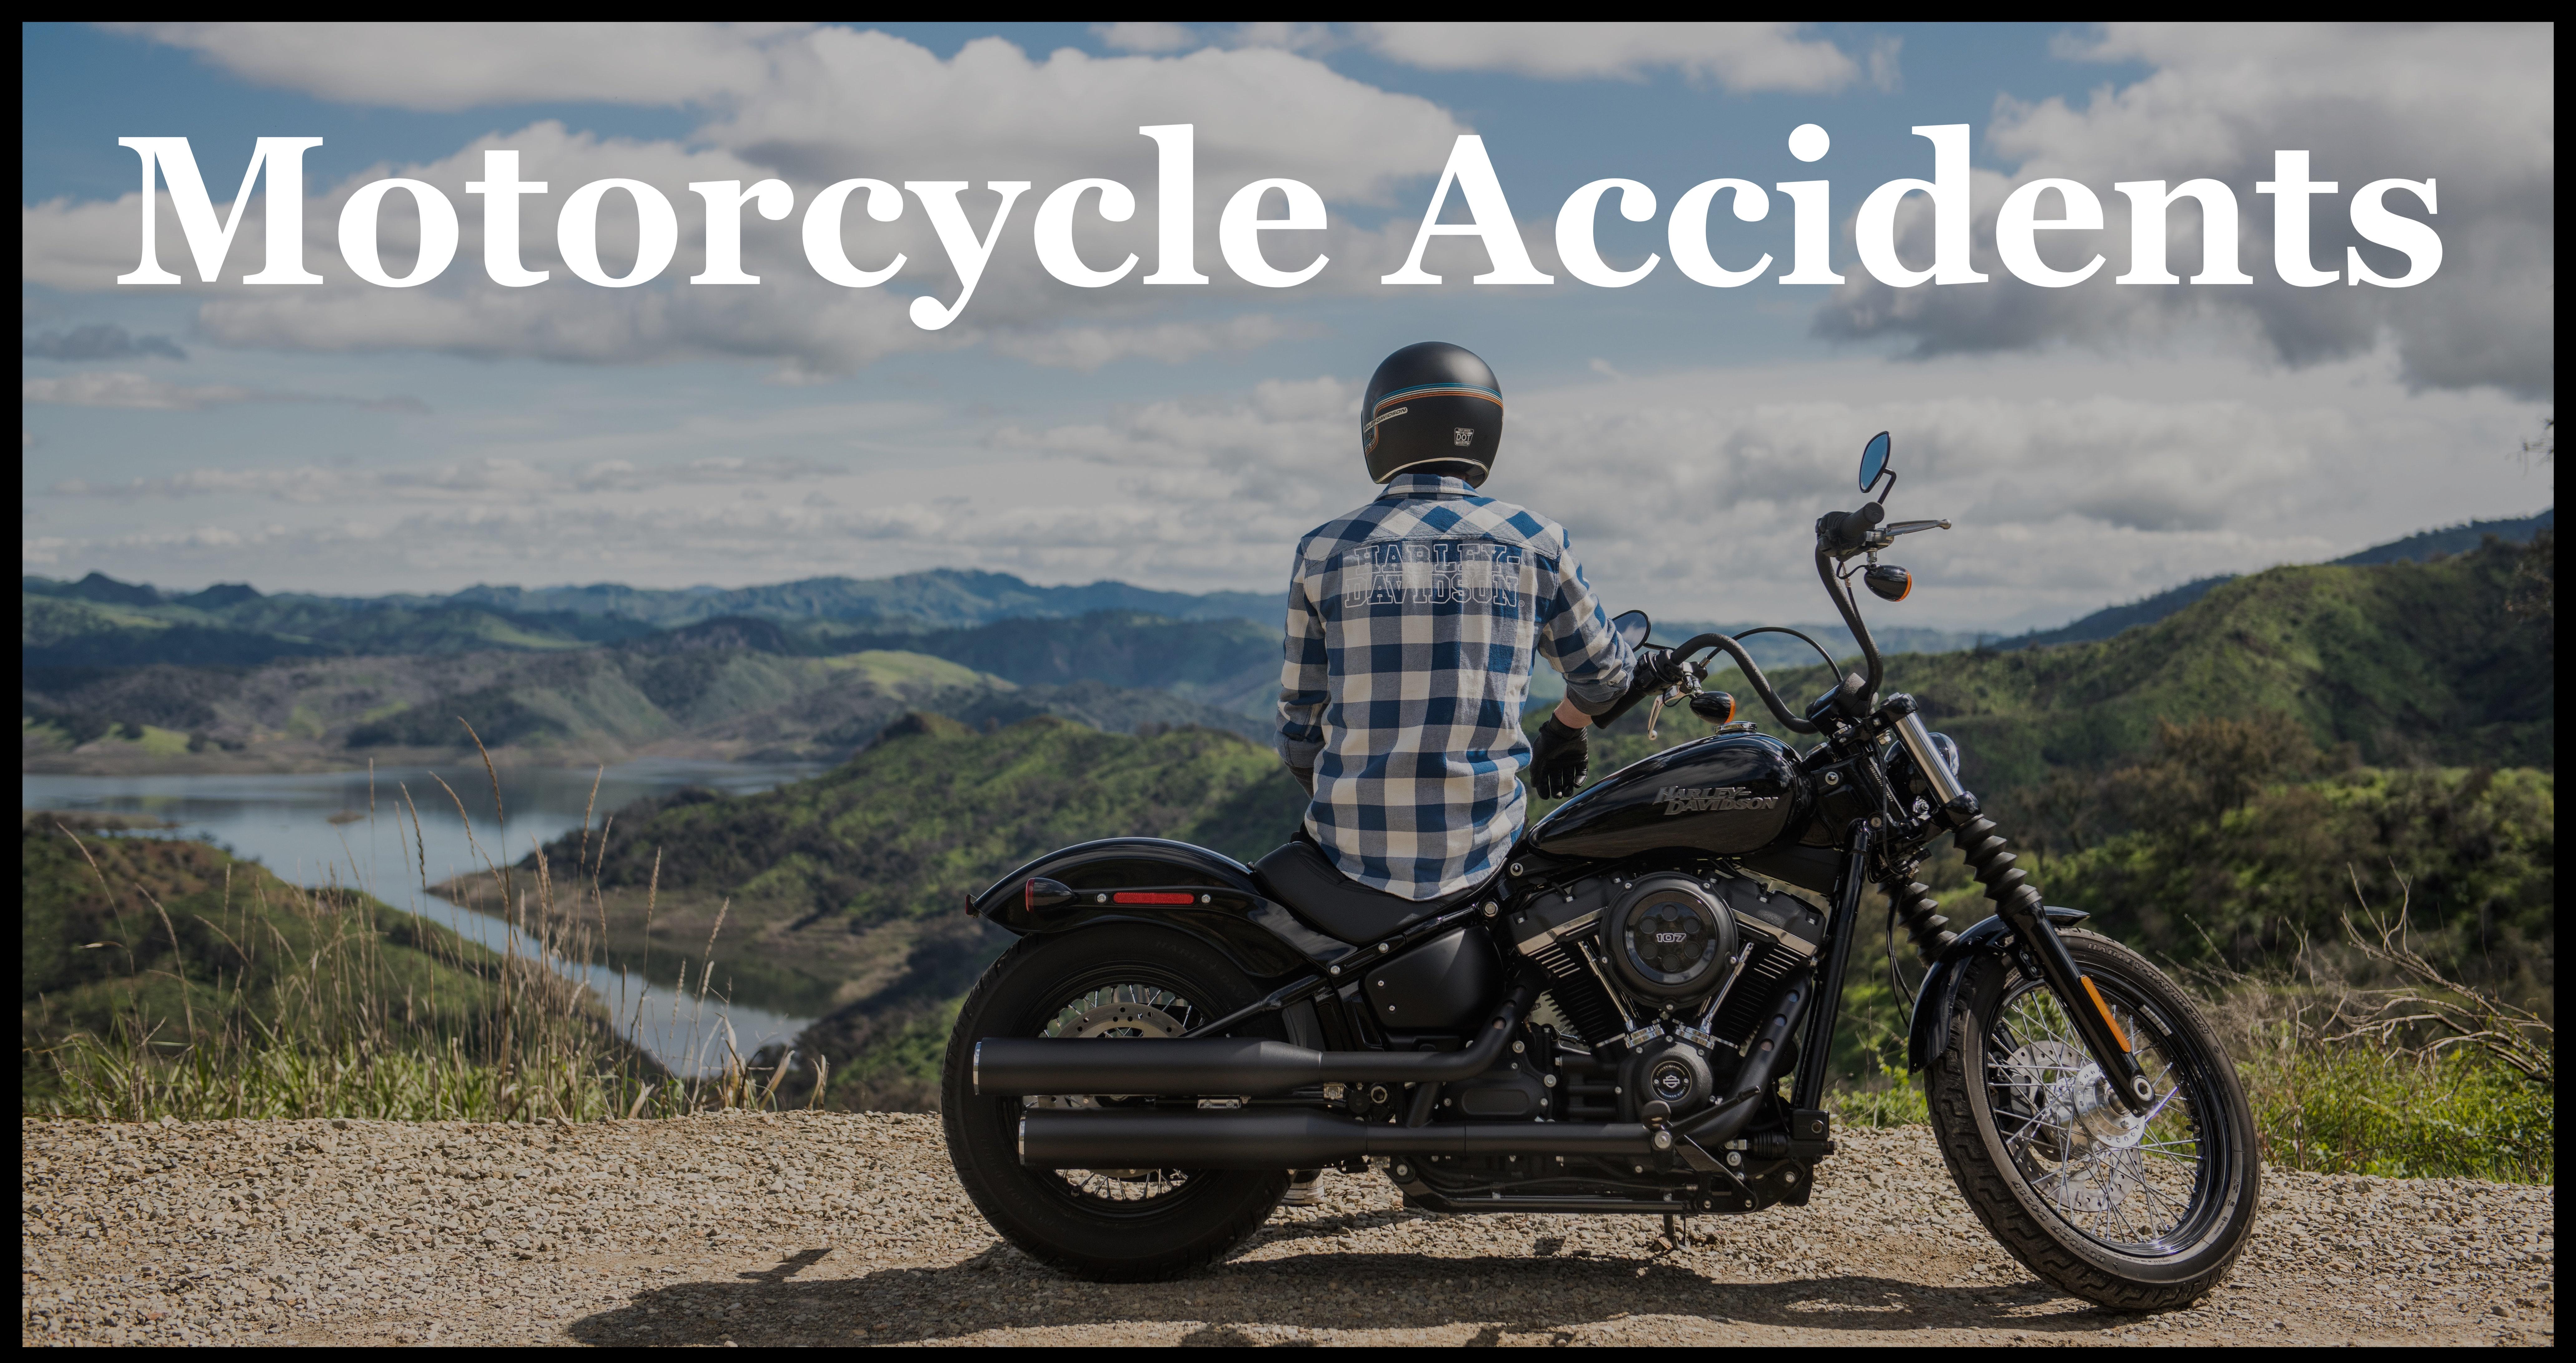 Manitowoc Law Firm, Sczygelski Law Firm, LLC   Motorcycle ...